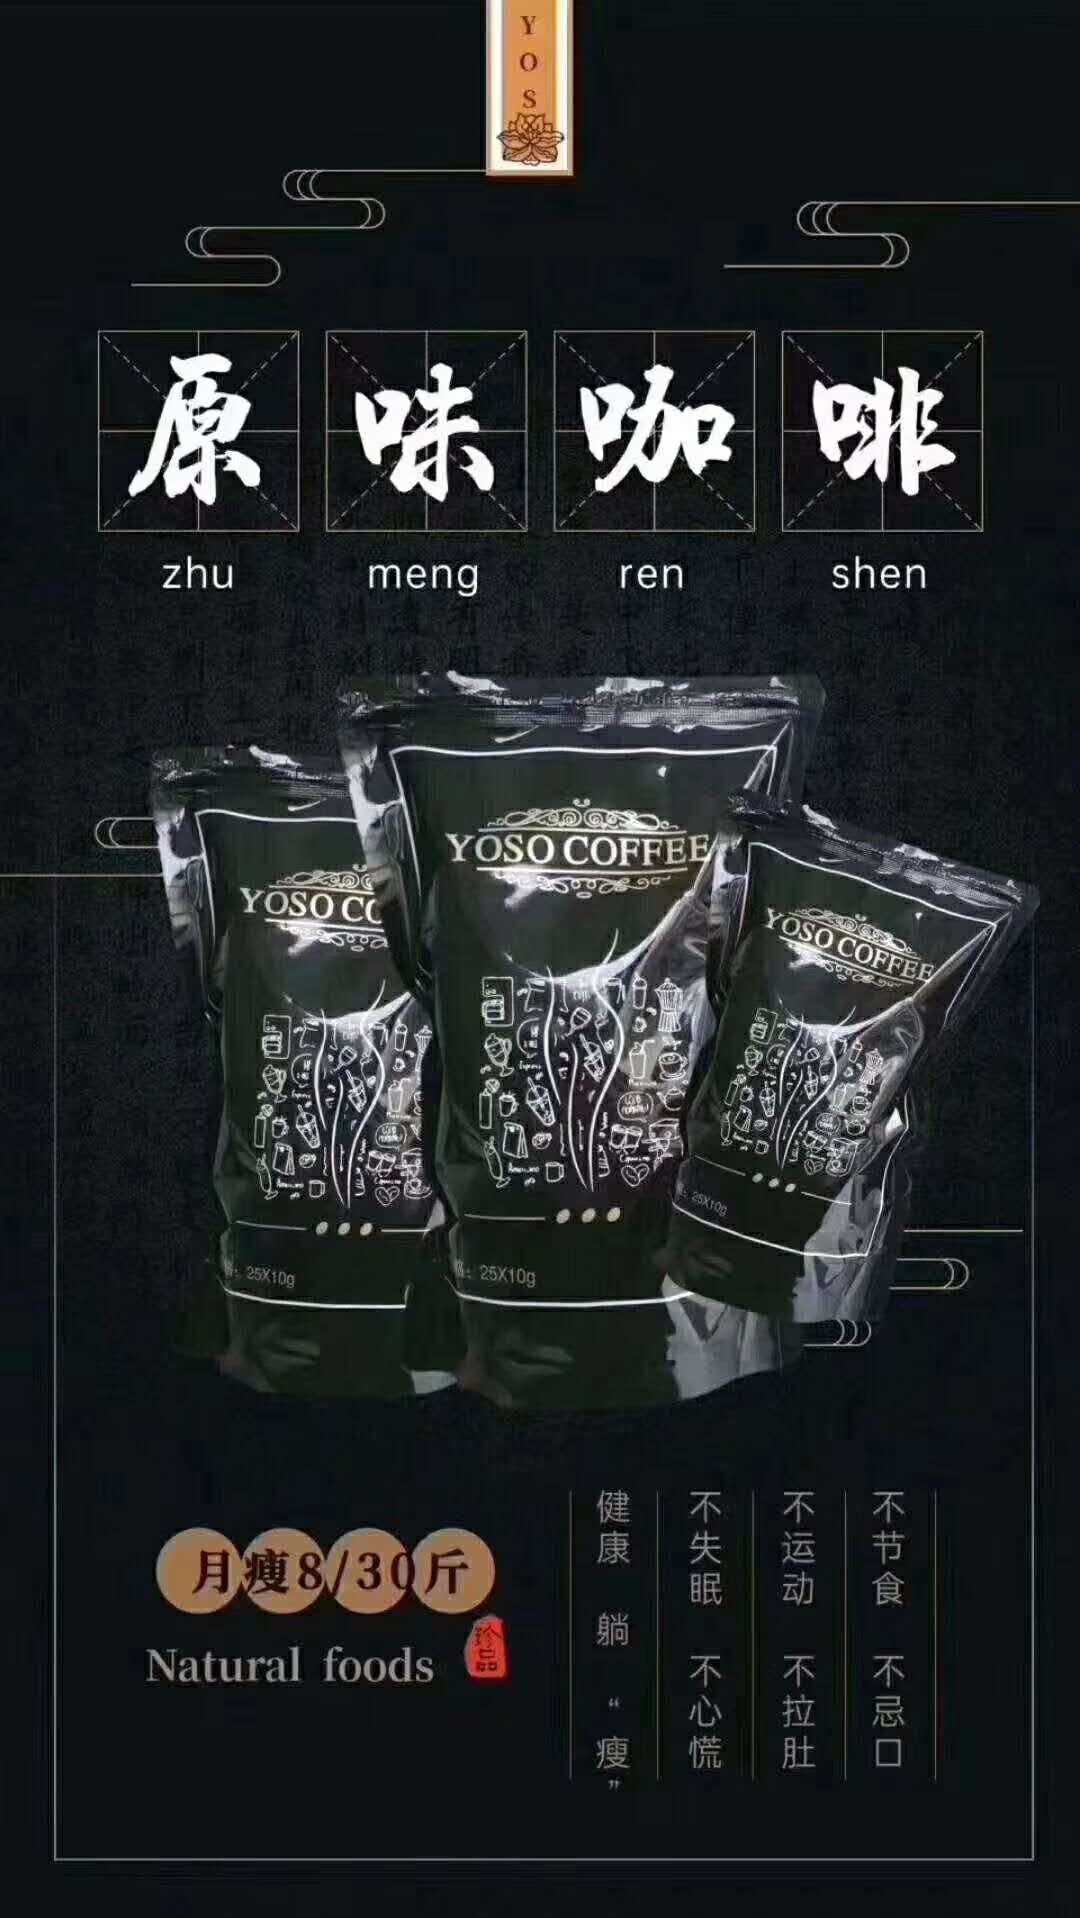 微商同款【yoso燃脂咖啡】现货秒发